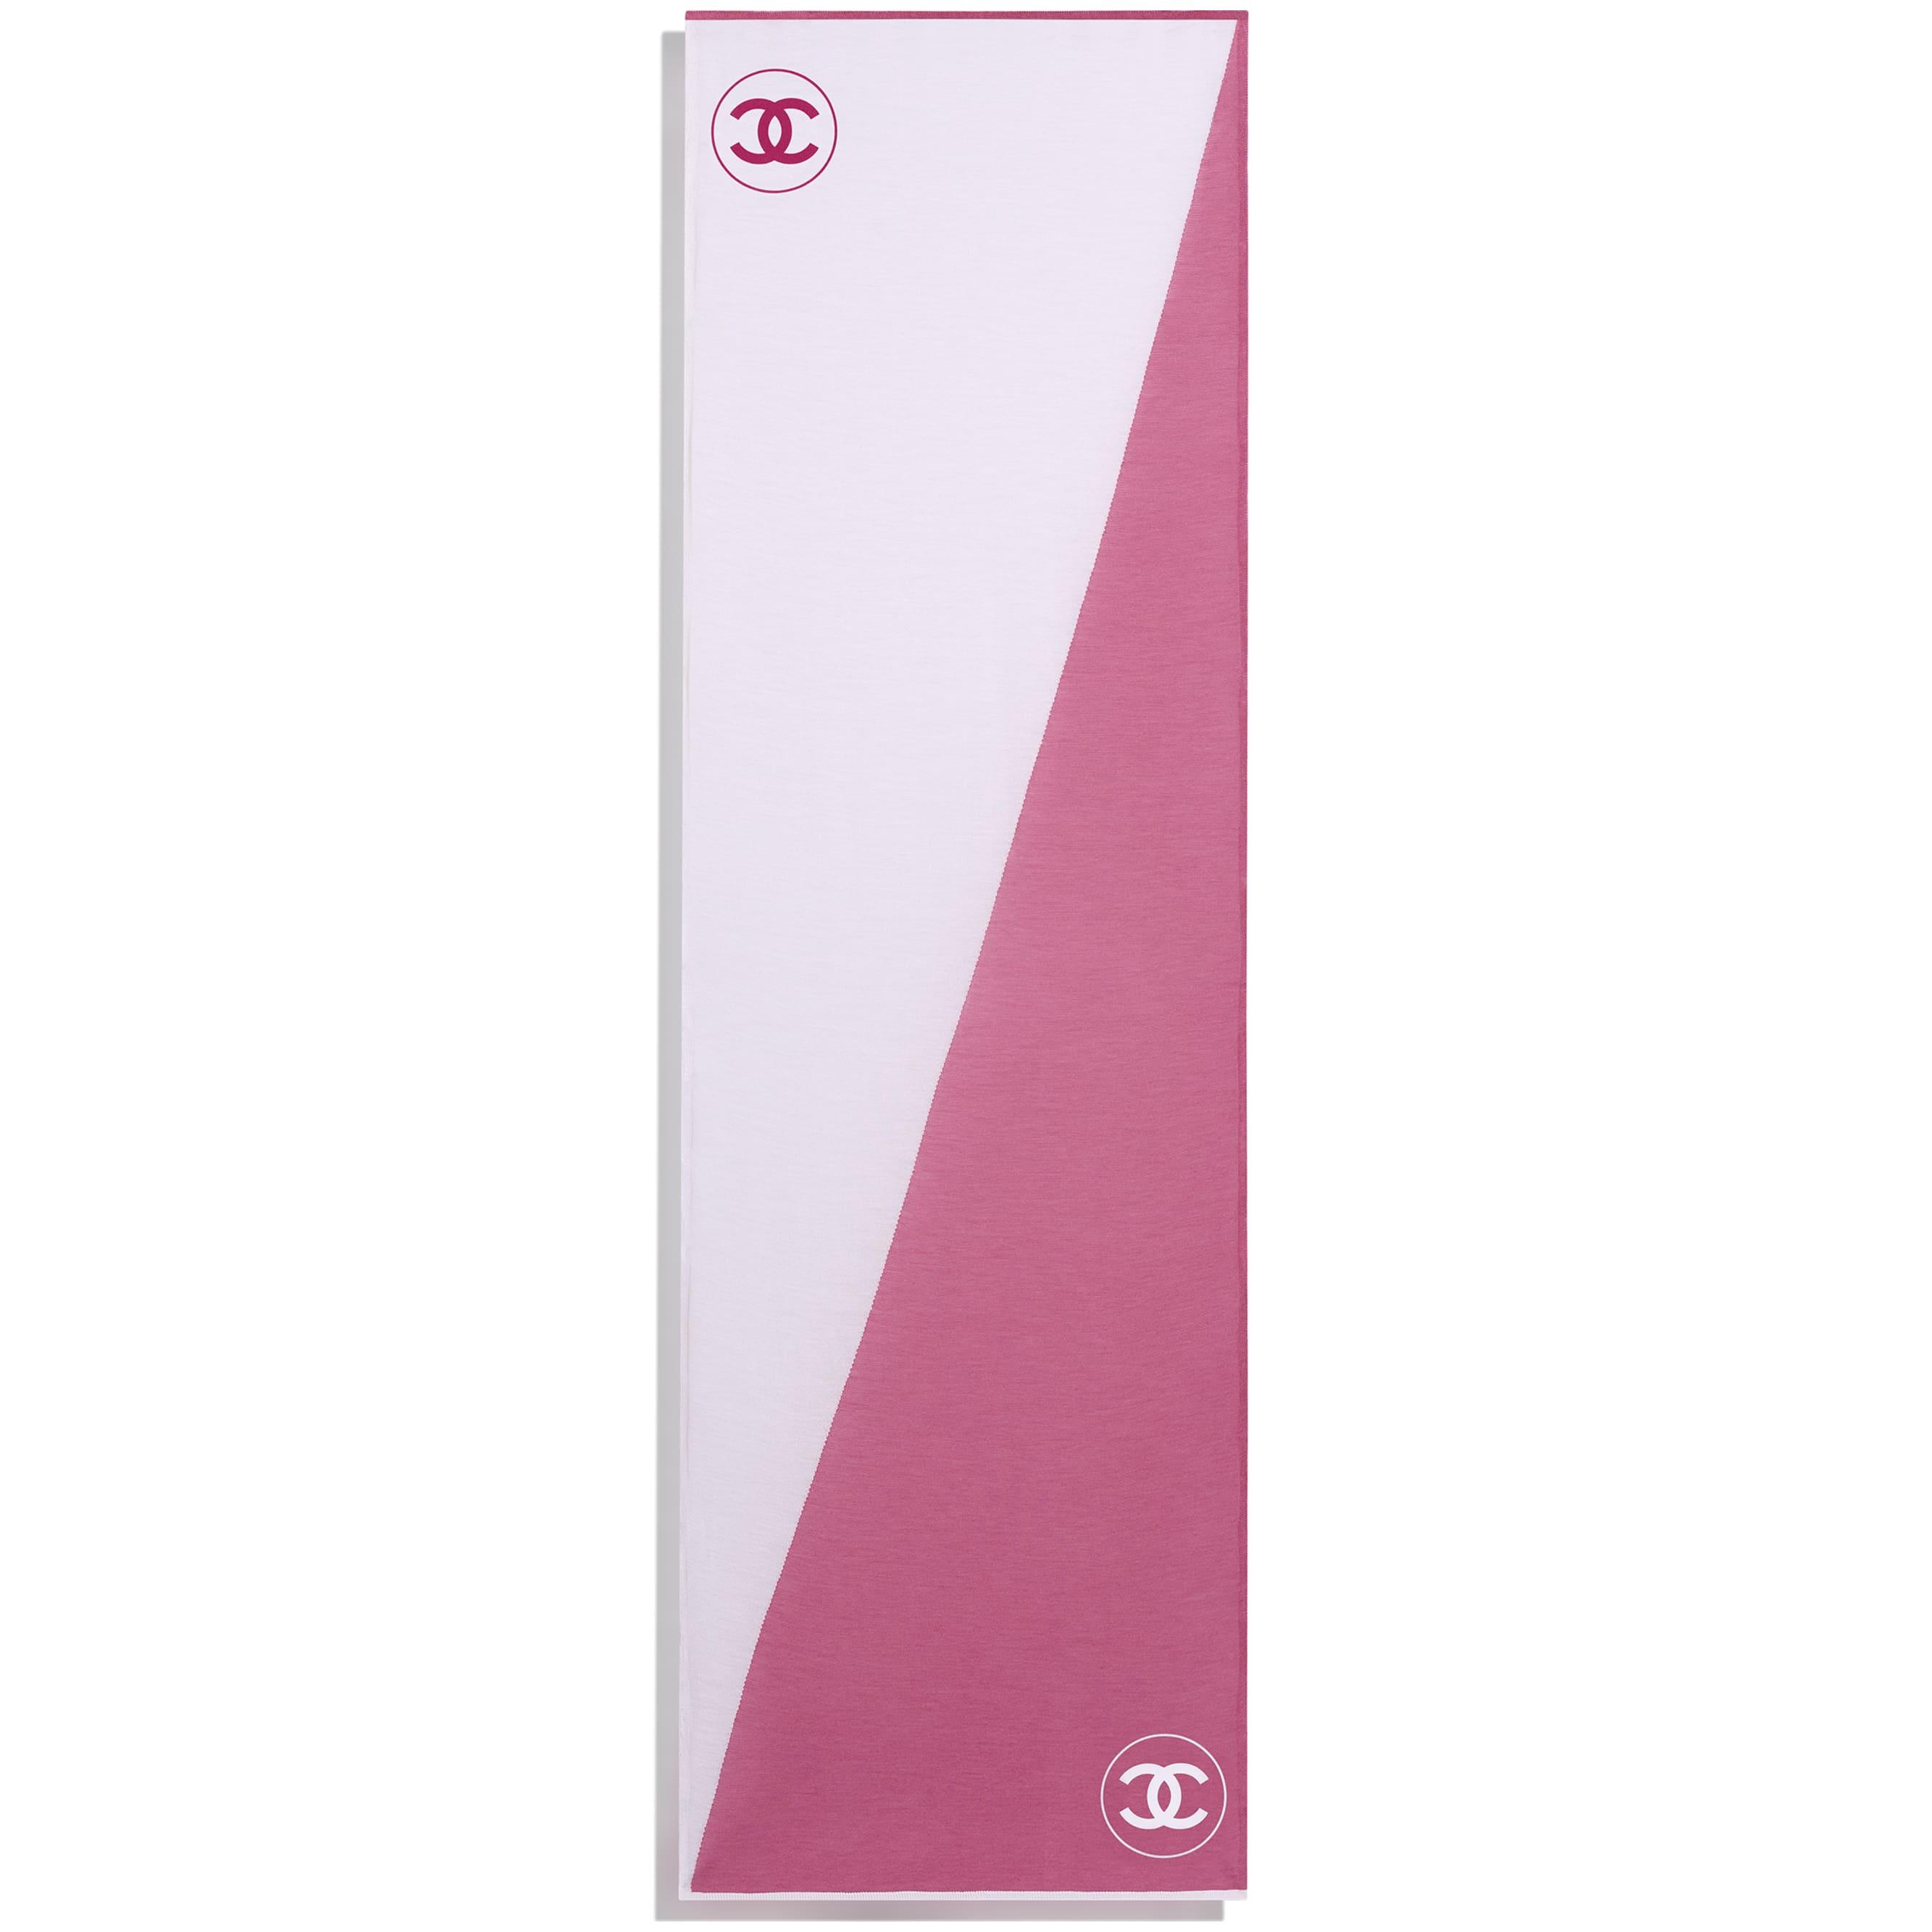 Палантин - Розовый и белый - Шерсть - CHANEL - Другое изображение - посмотреть изображение стандартного размера